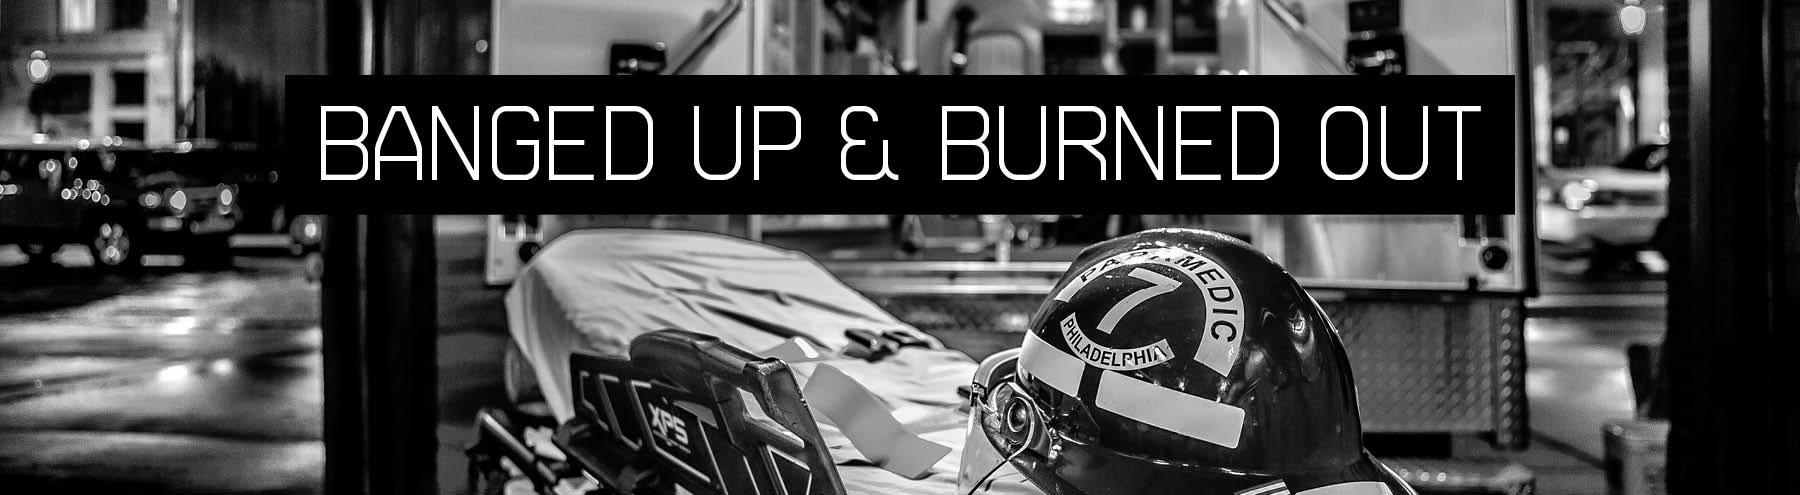 Banged Up & Burned Out